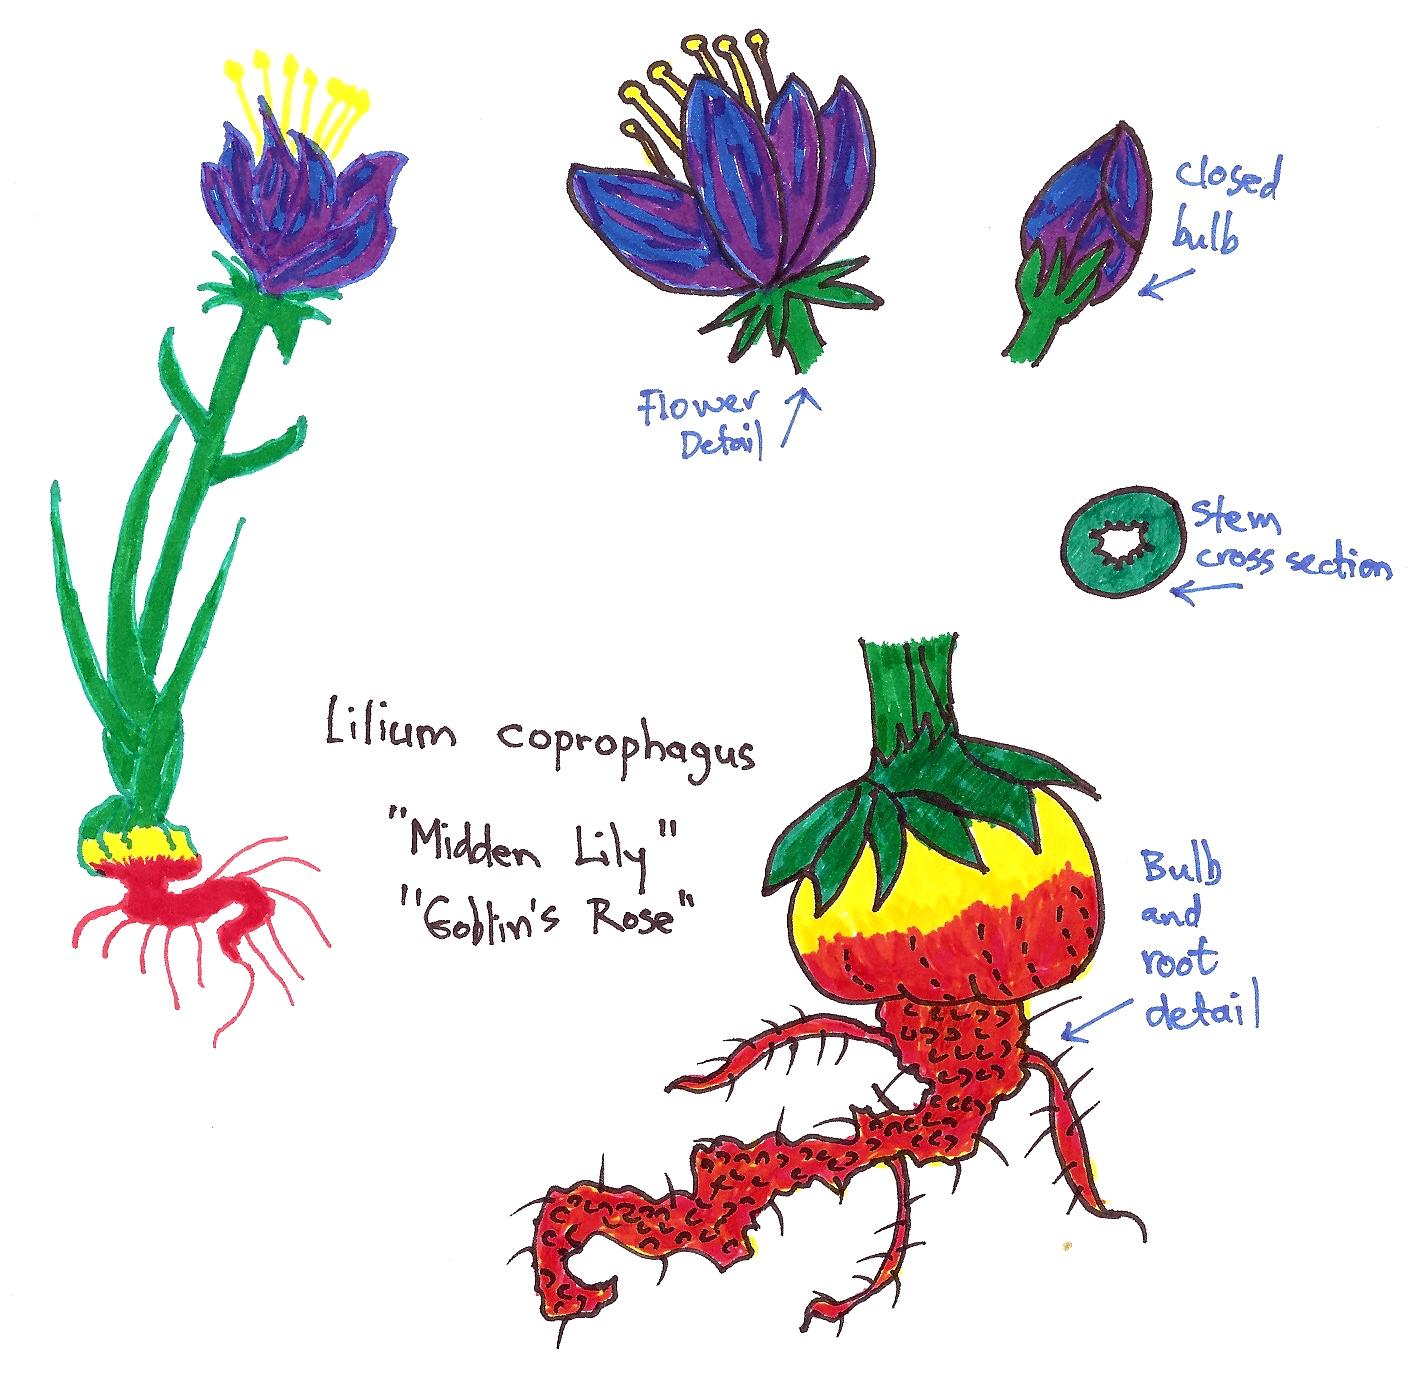 Lilium coprophagus